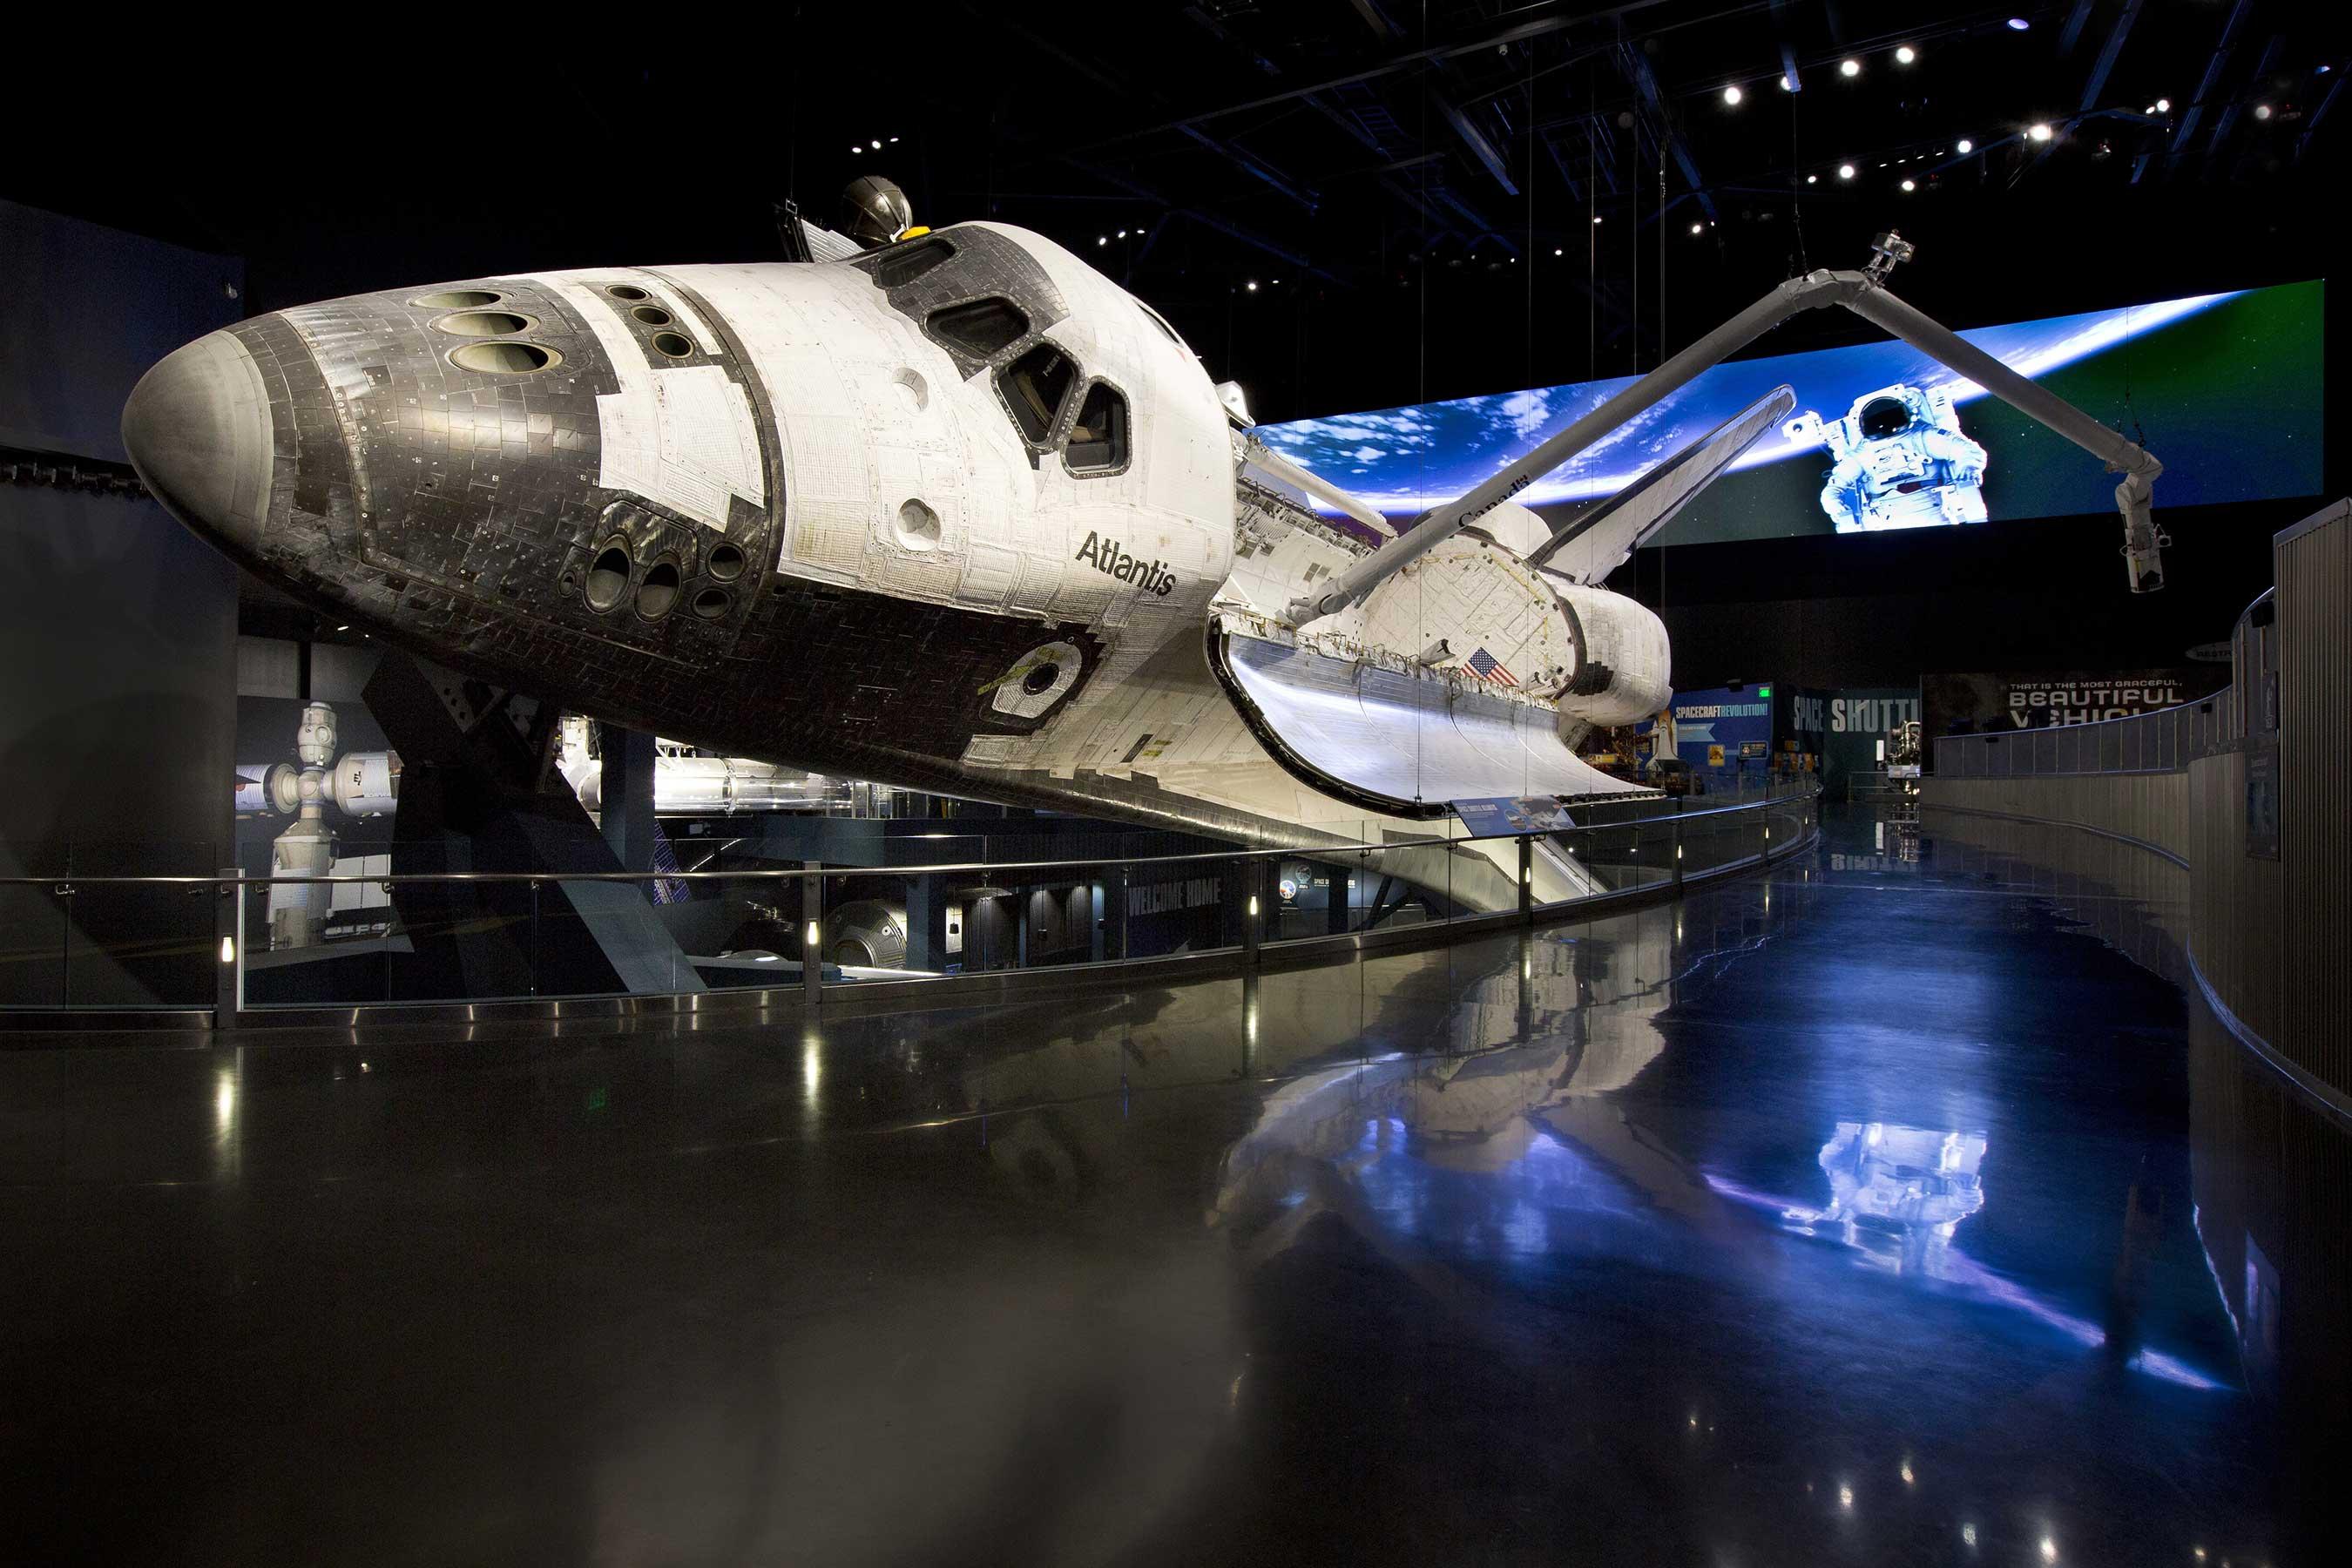 orin space shuttle - photo #43